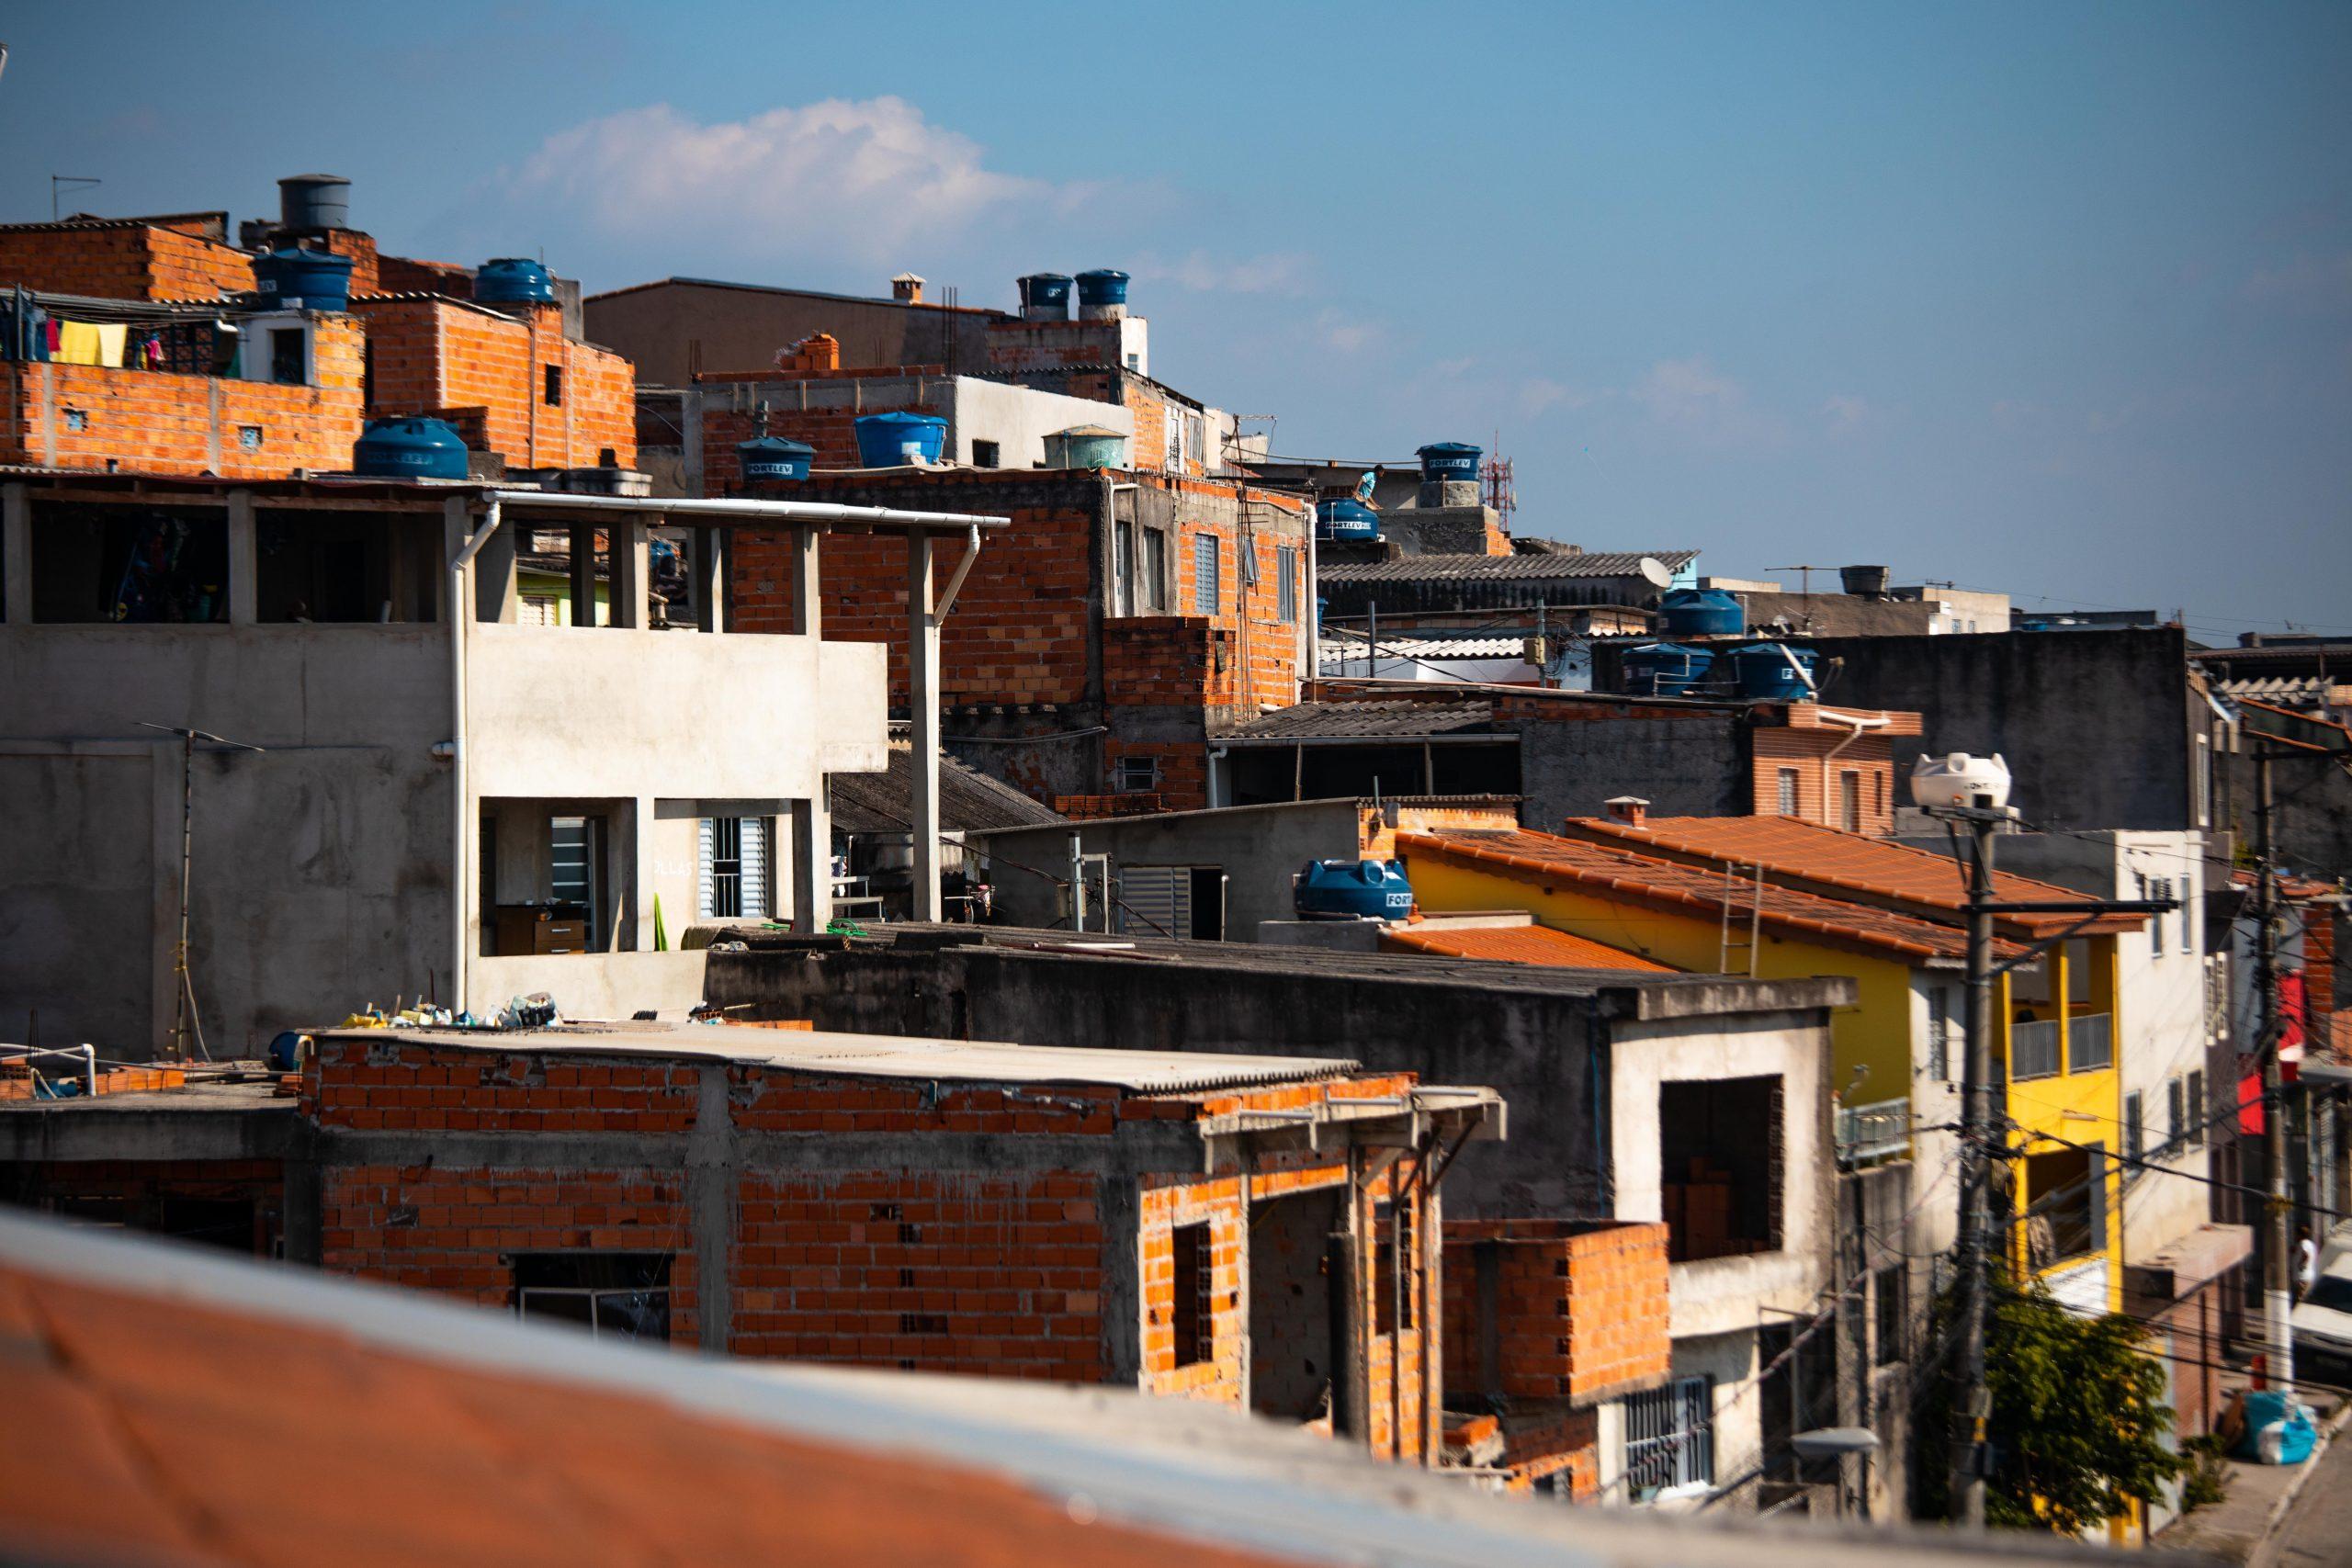 Fotografia de várias casas populares tirada na região do Grajaú, em São Paulo, capital.